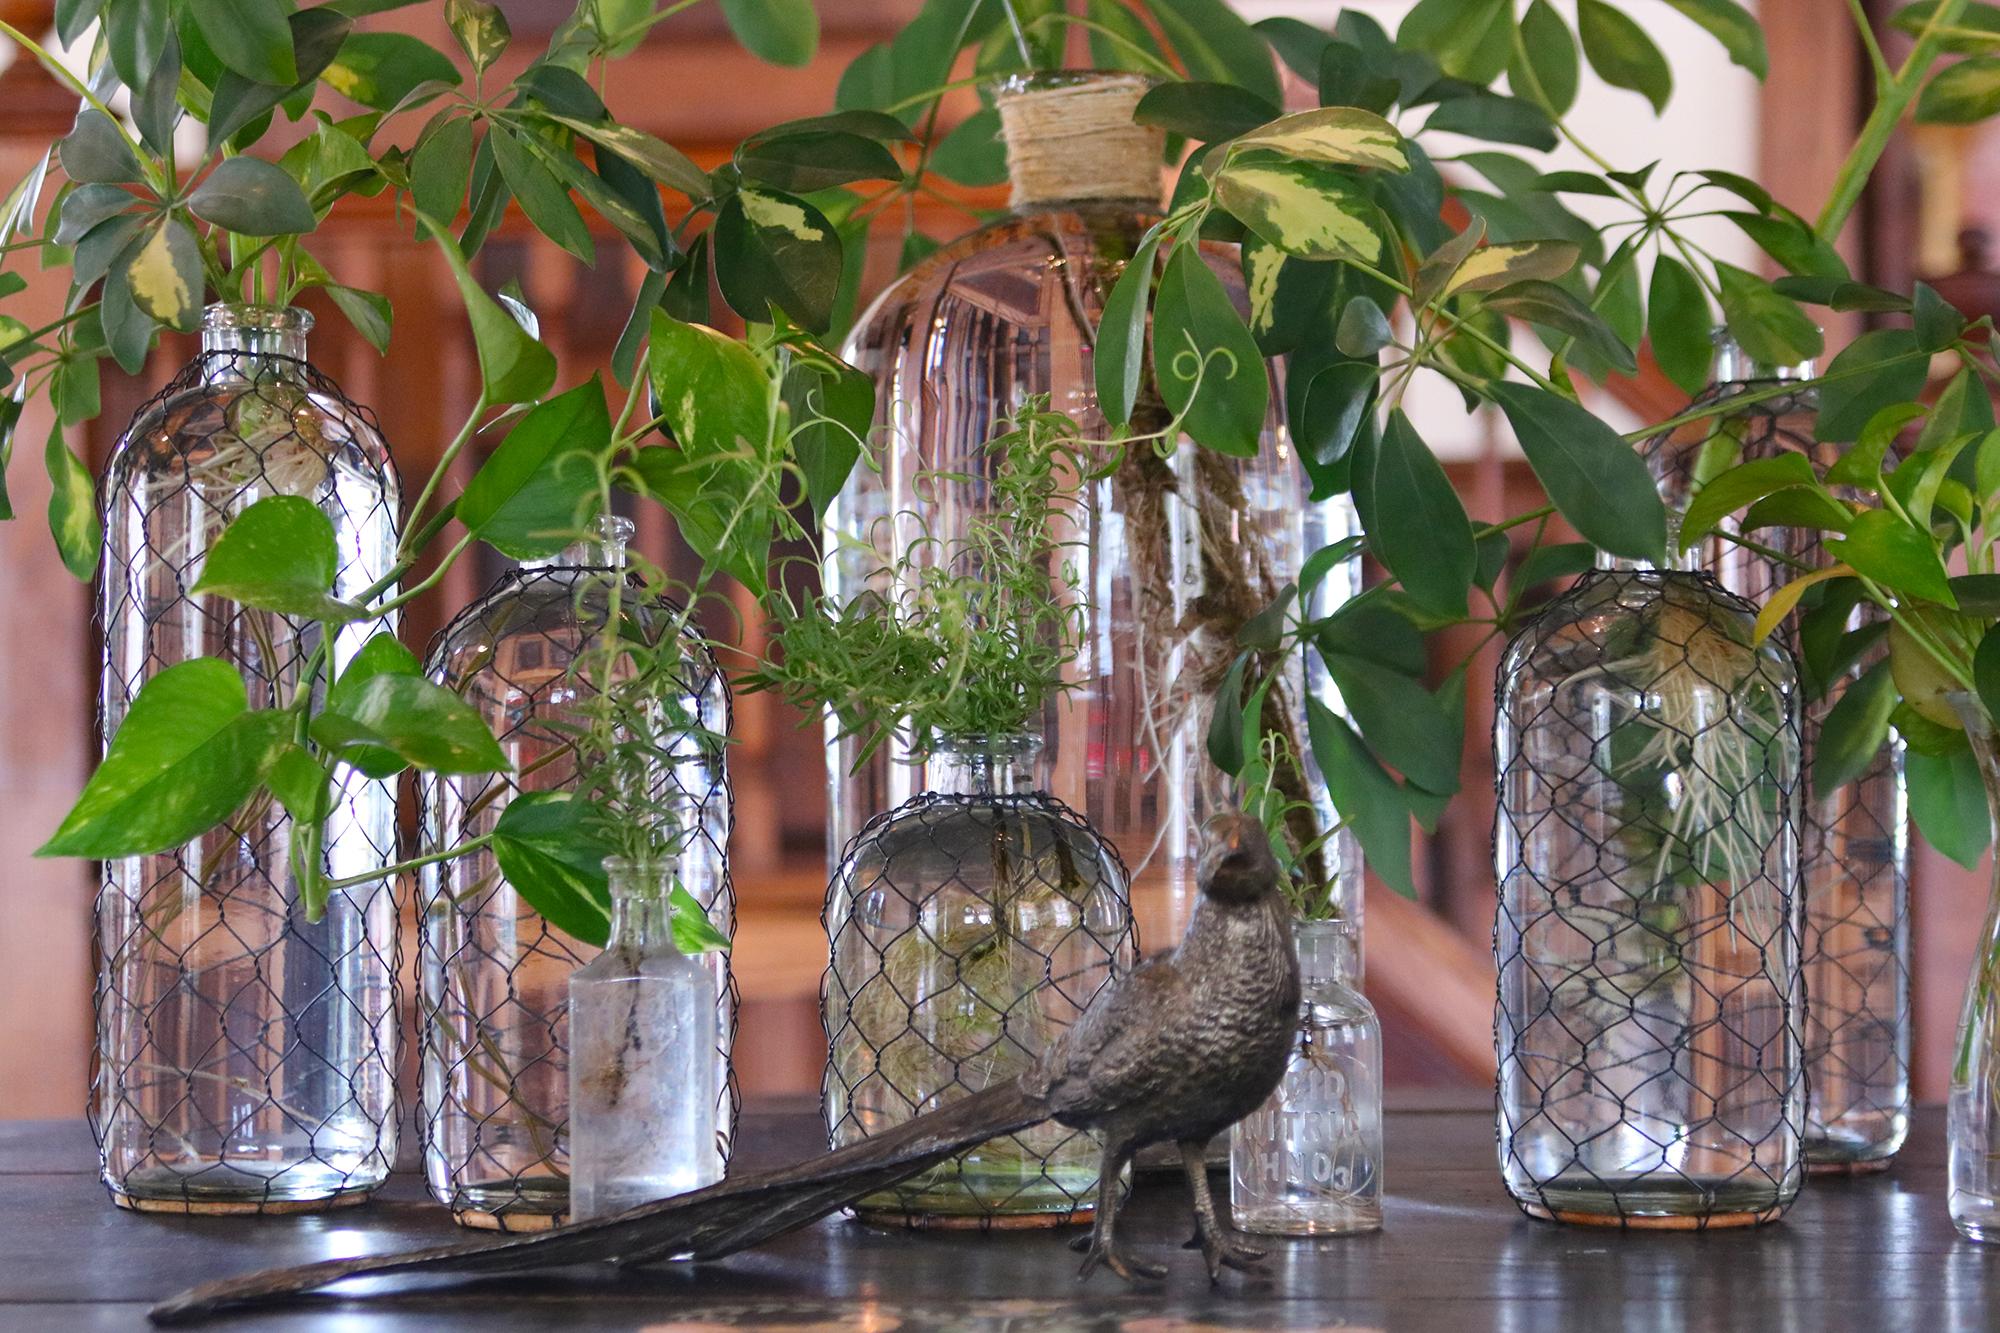 Bottle Plants The Farmhouse Project